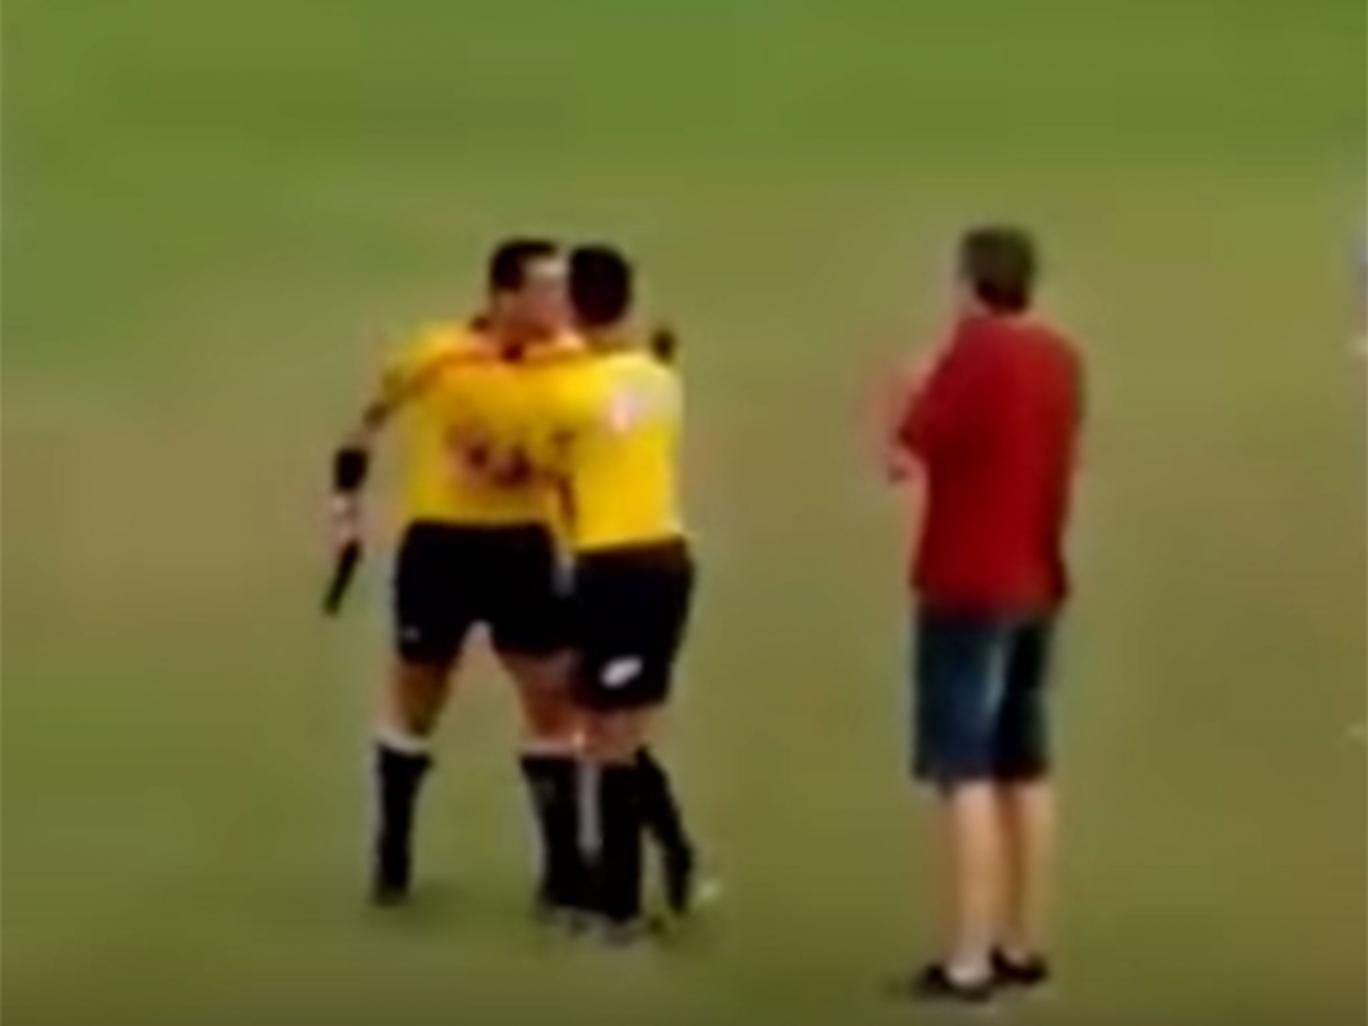 Referee Gabriel Murta pulls a gun during a match